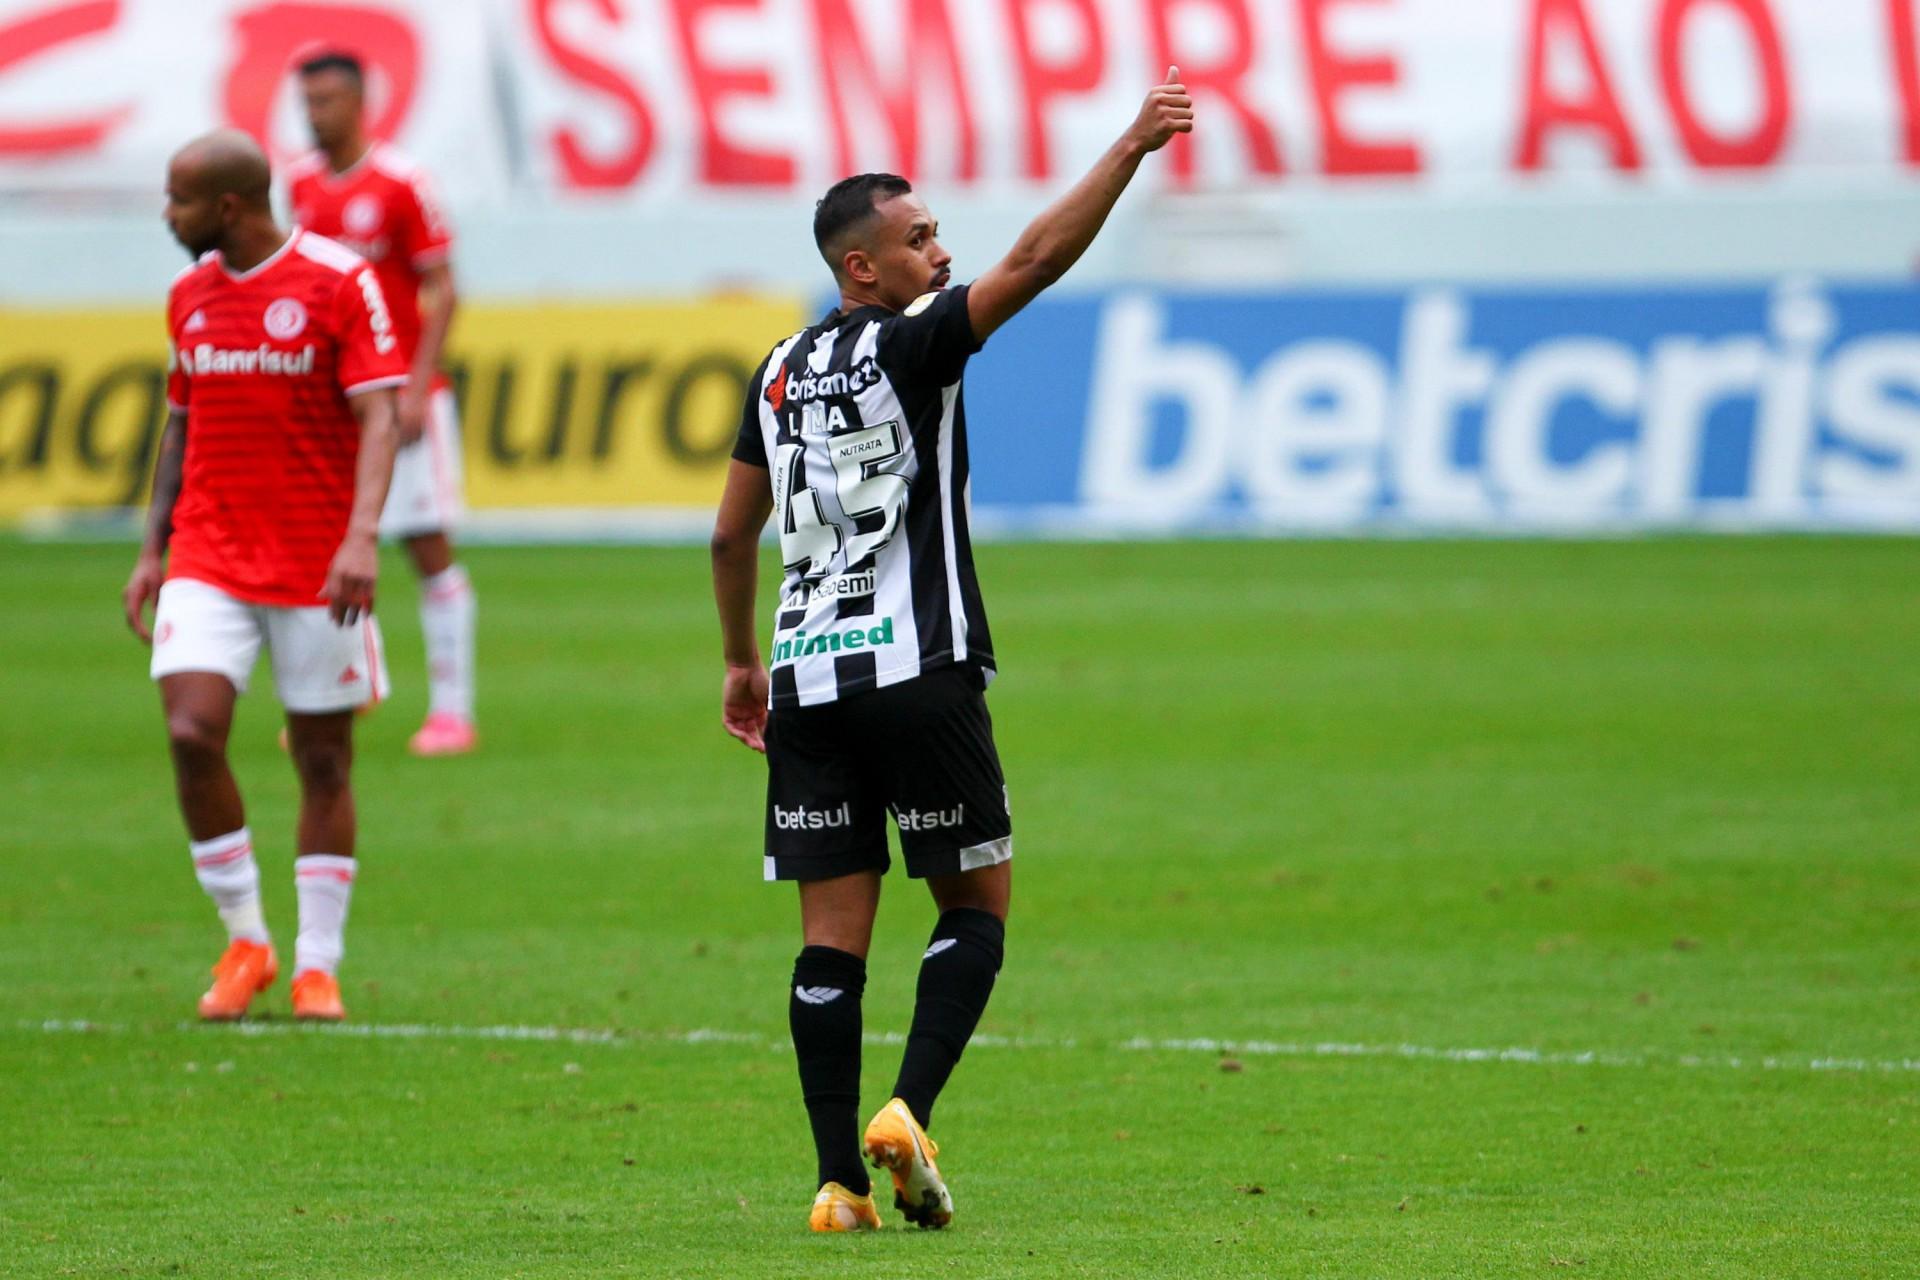 LIMA, meia do Ceará, fez o gol de empate contra o Internacional em Porto Alegre (Foto: EVERTON SILVEIRA/AE)